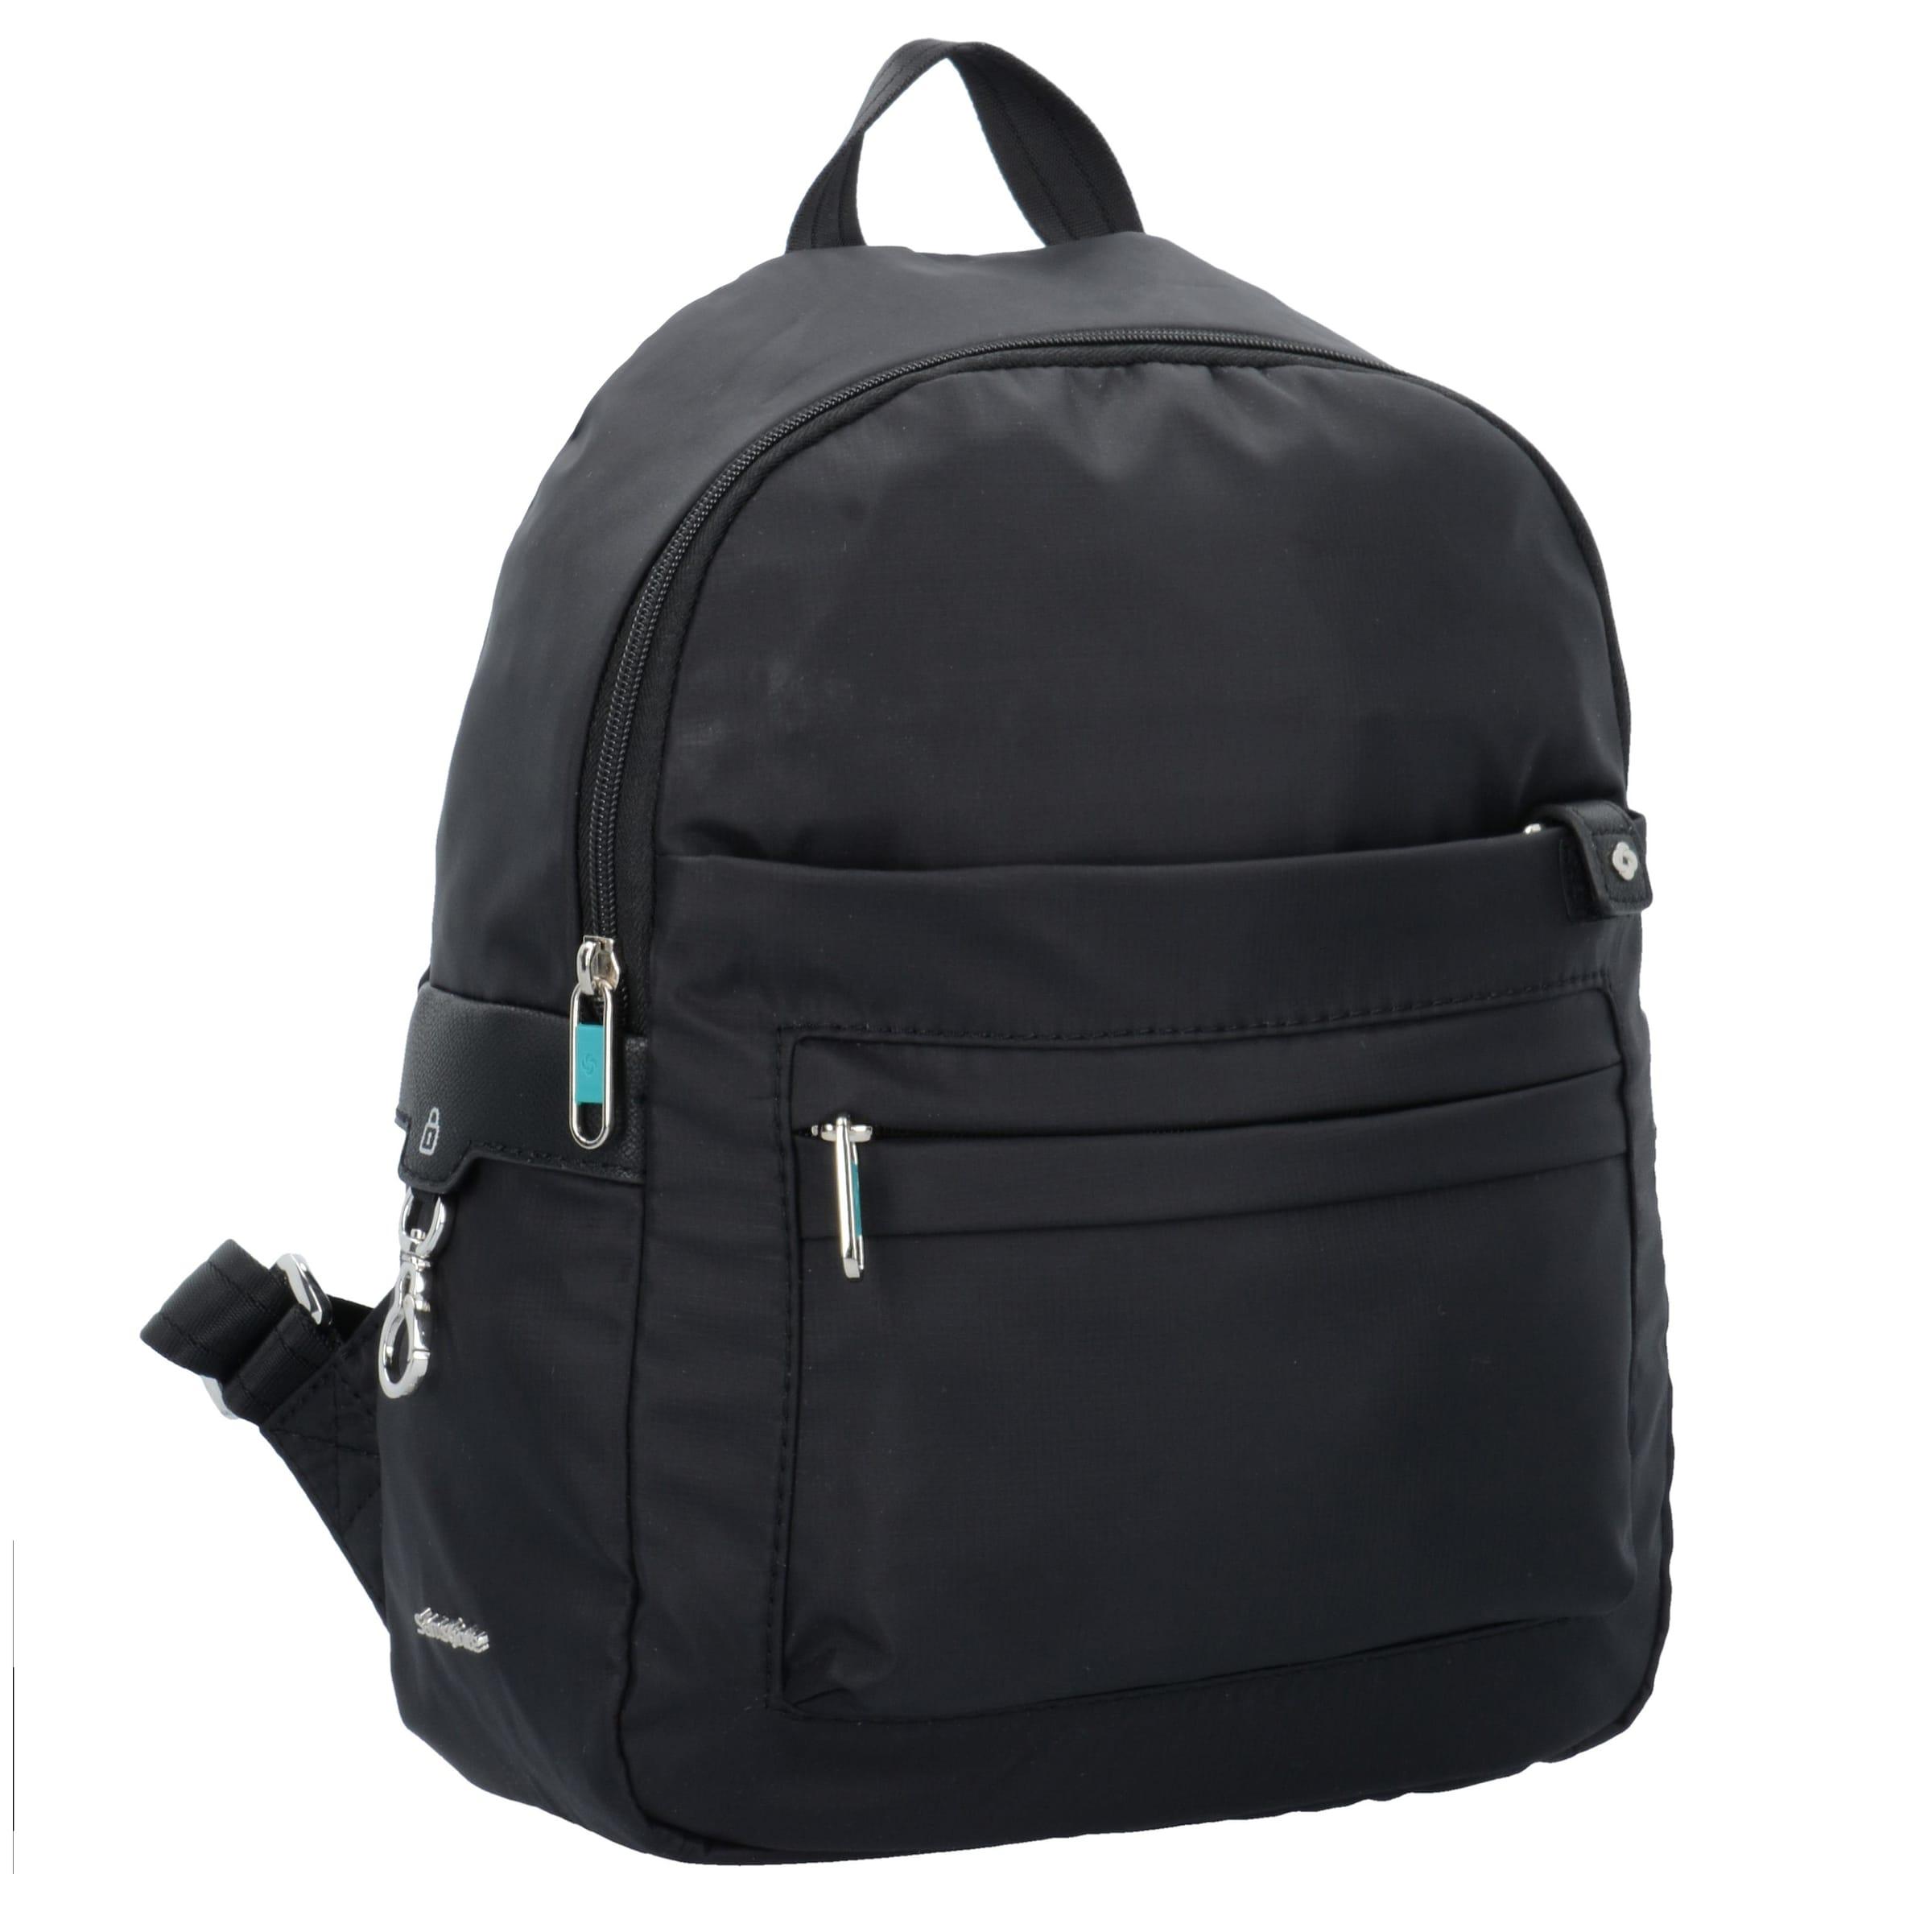 Nicekicks Günstigen Preis Billig Mit Kreditkarte SAMSONITE Move 2.0 Secure Rucksack 34 cm Suchen Sie Nach Verkauf 3Fs75W